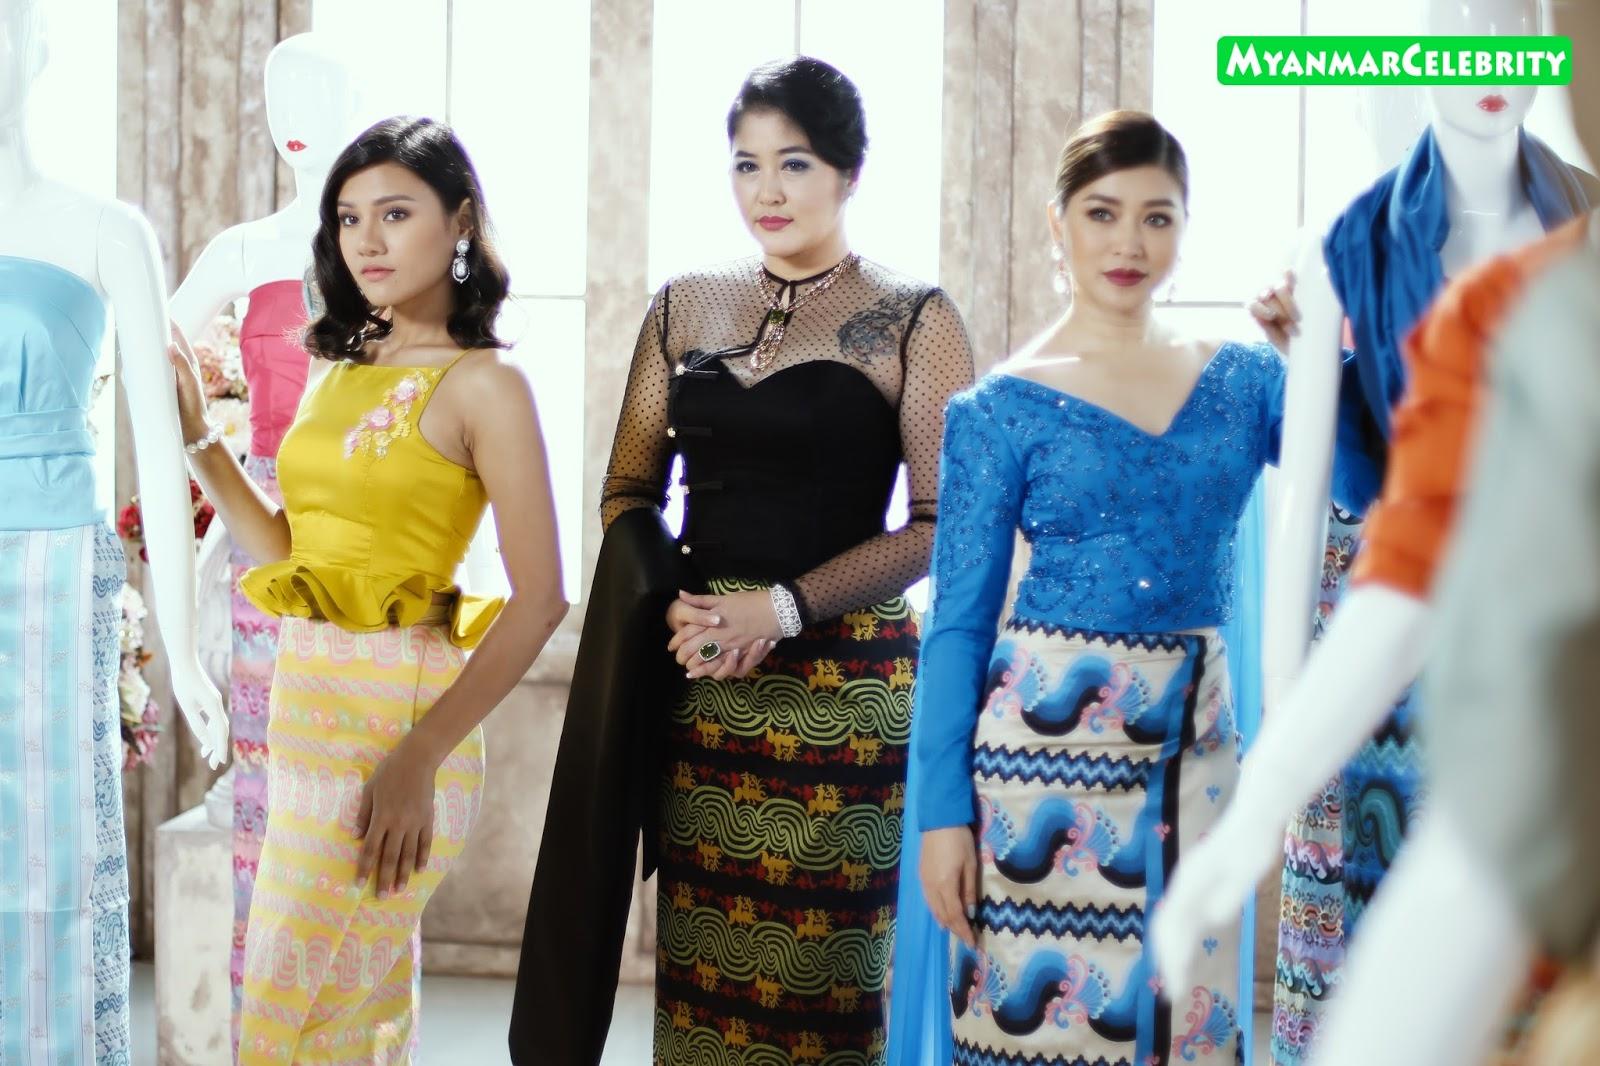 Myanmar celebrity news facebook